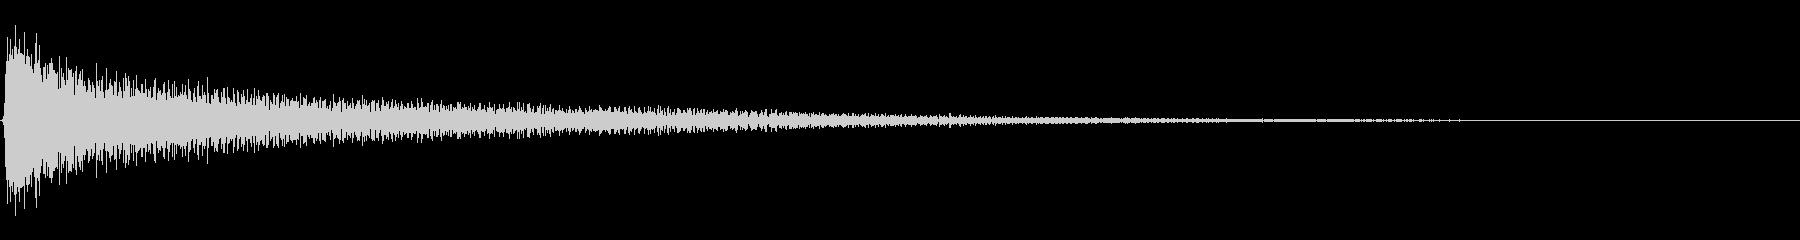 [生録音]グランドハープ-01-C1の未再生の波形